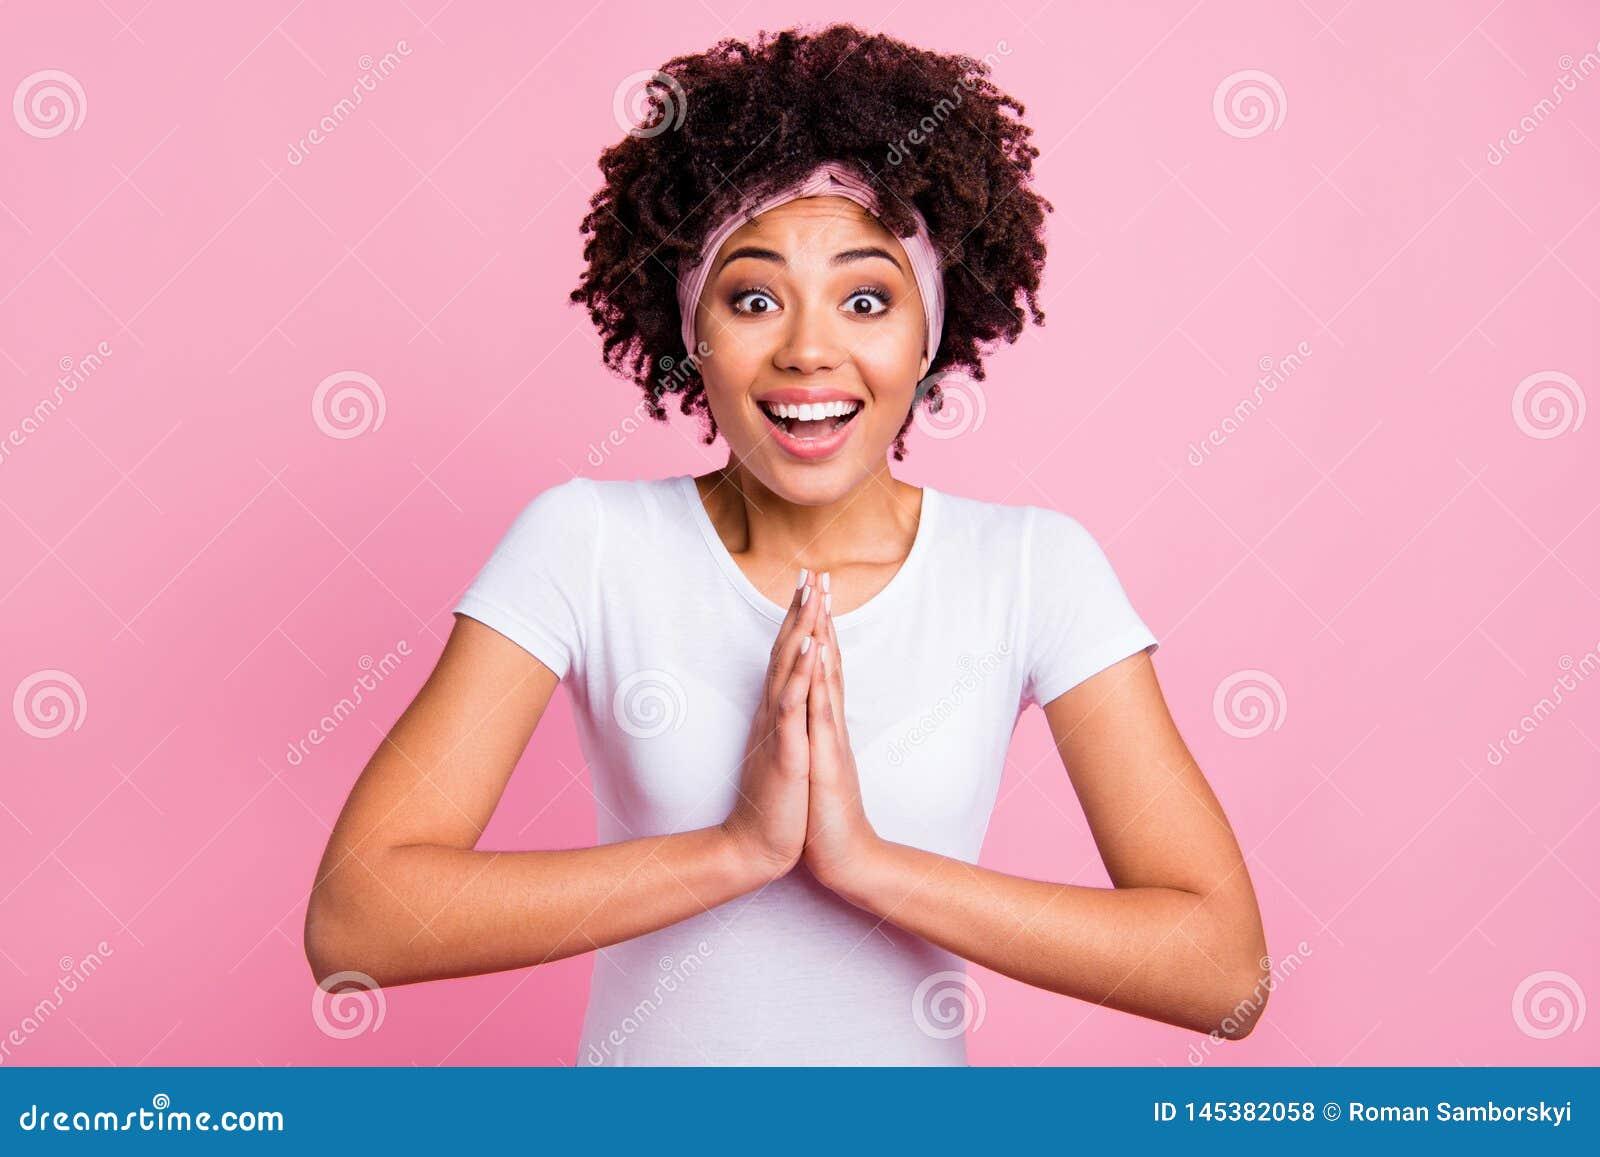 Fin vers le haut de bel étonnant génial de photo elle que son symbole de prière drôle de dame foncée de peau demandent svp